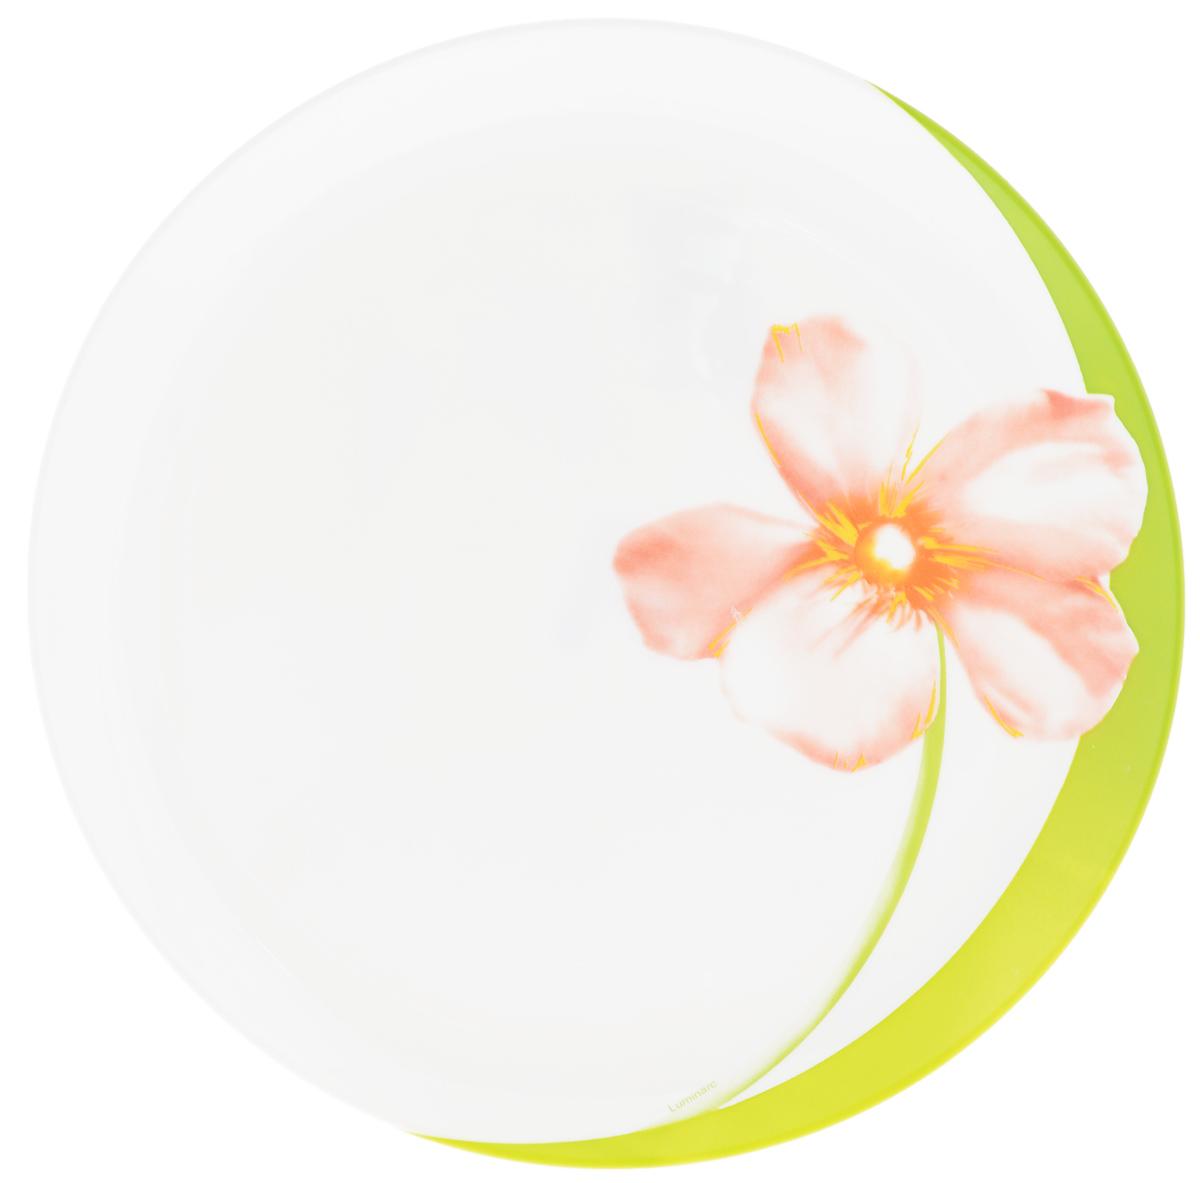 Тарелка обеденная Luminarc Sweet Impression, диаметр 25 см115510Обеденная тарелка Luminarc Sweet Impression, изготовленная из высококачественного стекла,имеет изысканный внешний вид. Такой дизайн придется по вкусу и ценителям классики,и тем, кто предпочитает утонченность. Тарелка Luminarc Sweet Impression идеально подойдет для сервировкистола и станет отличным подарком к любому празднику.